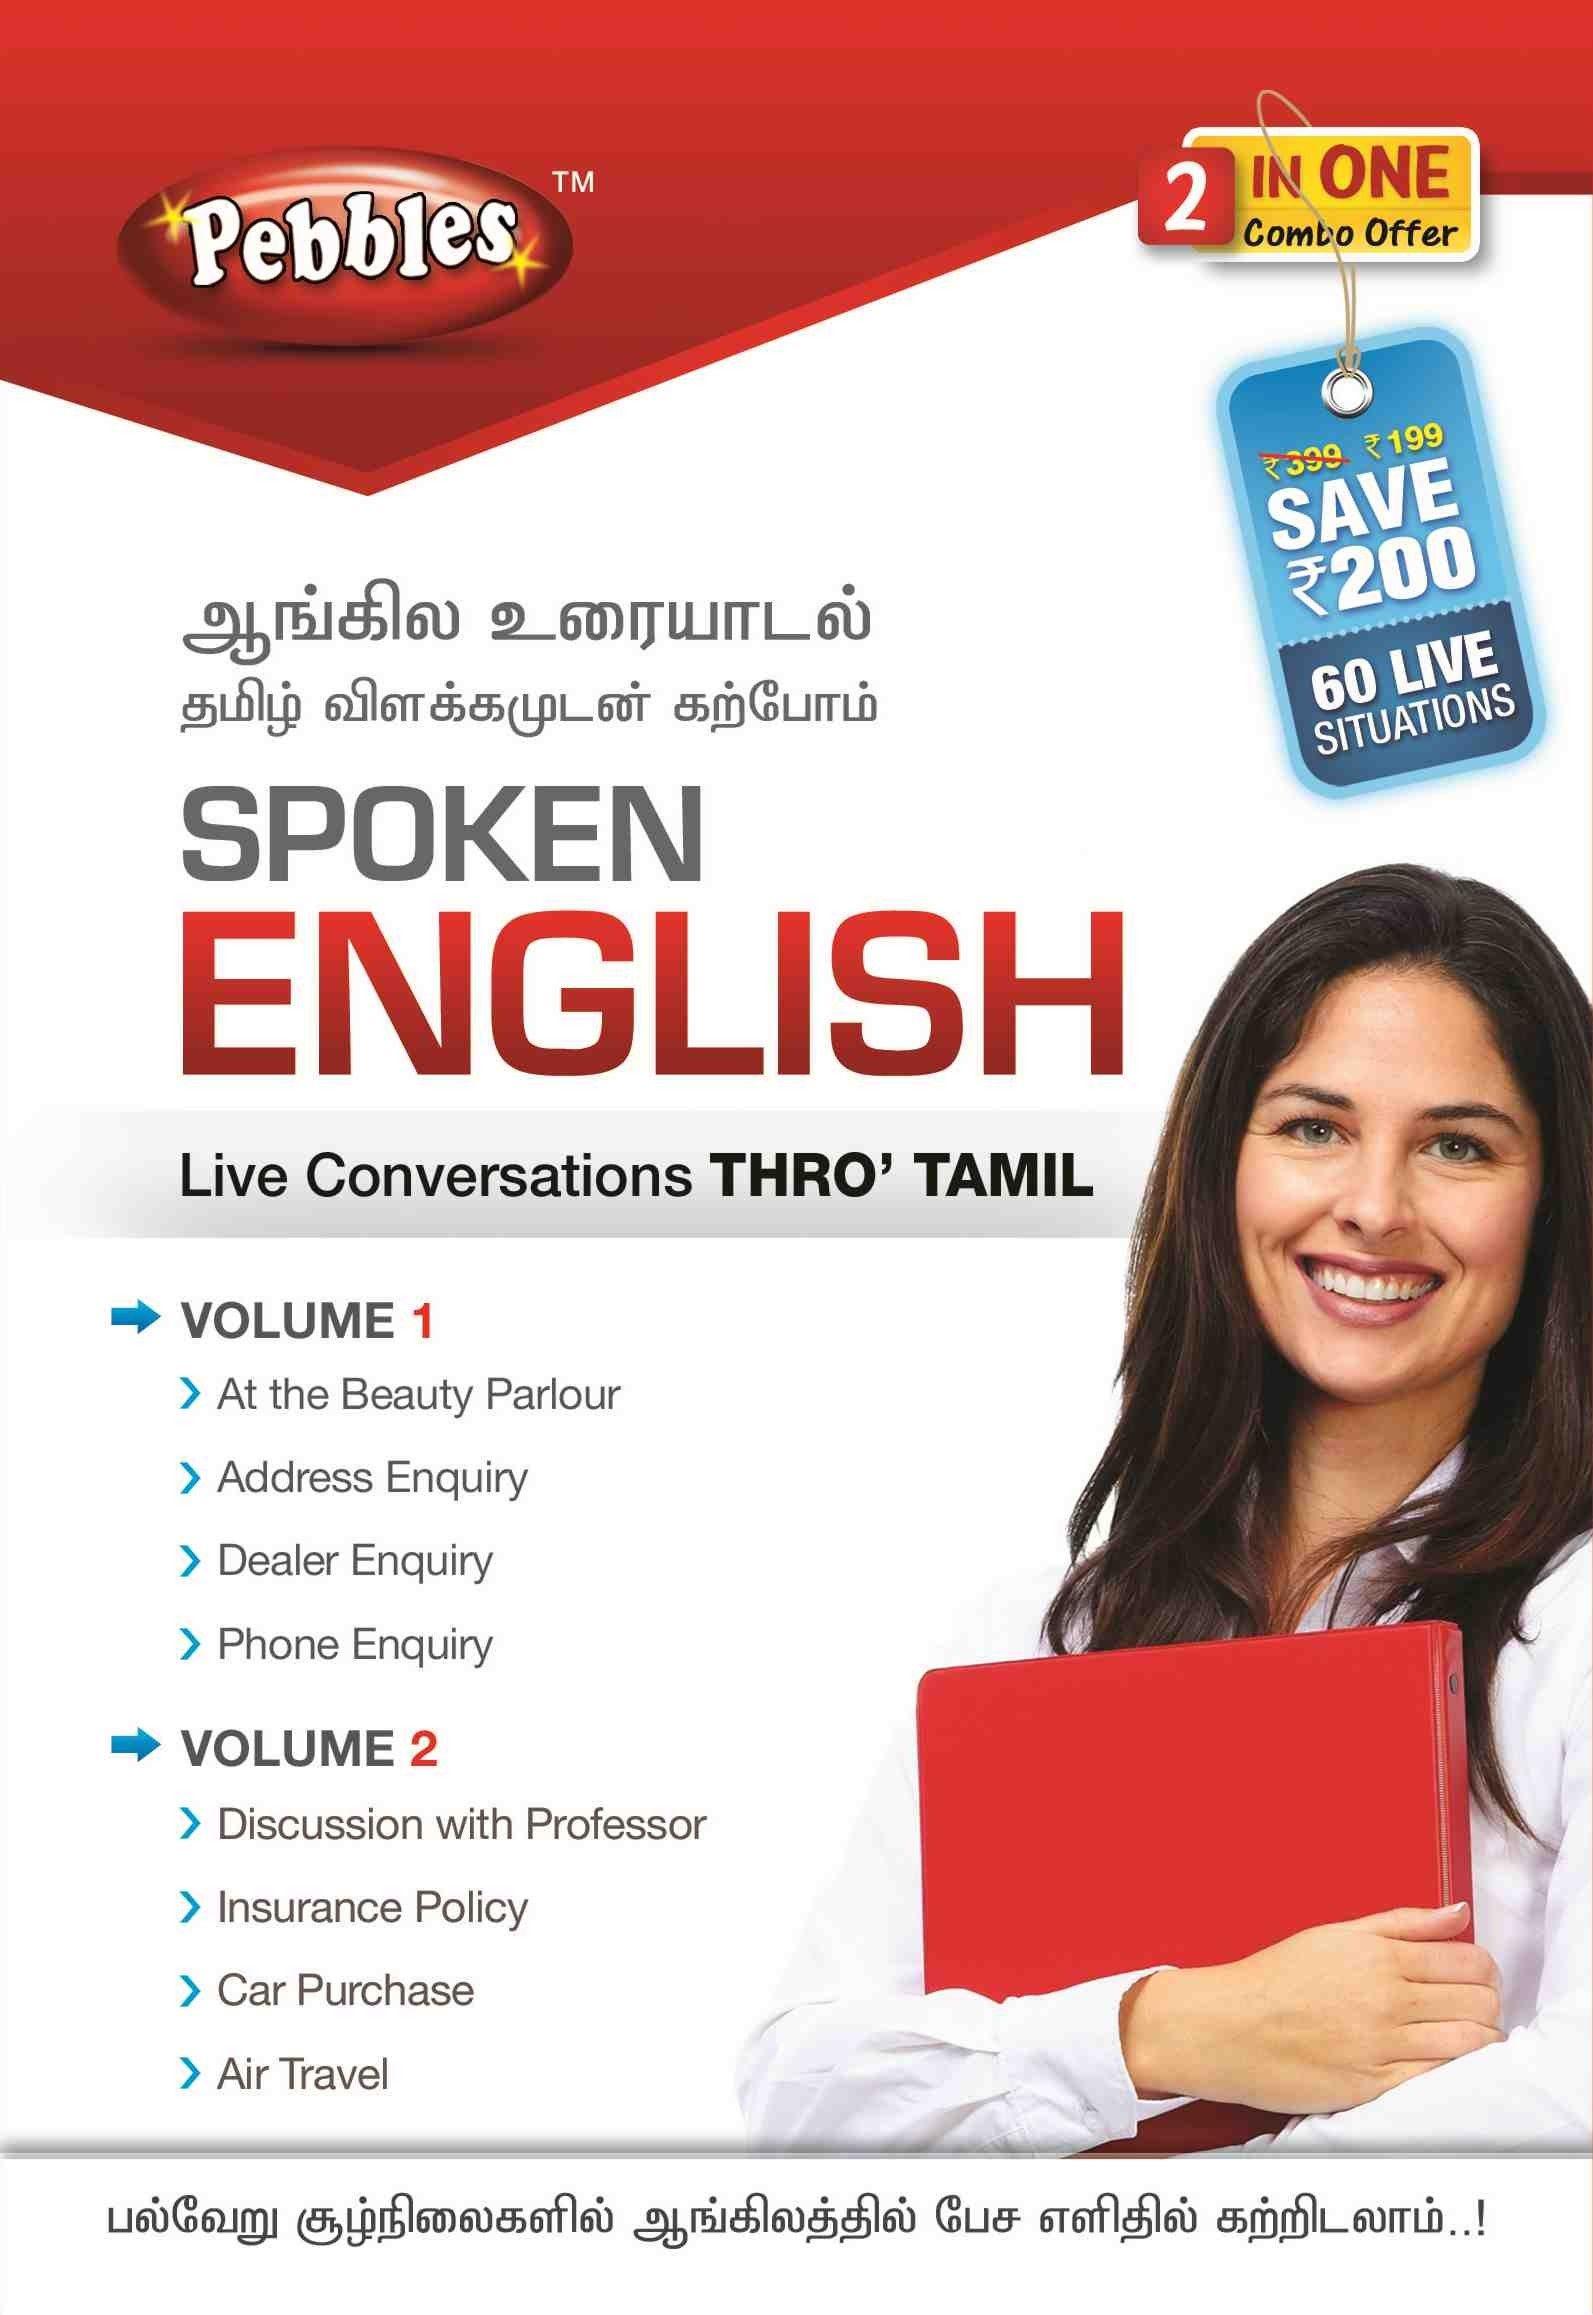 Spoken English Thro Tamil 1 2 Jpg 1593 215 2315 Classes